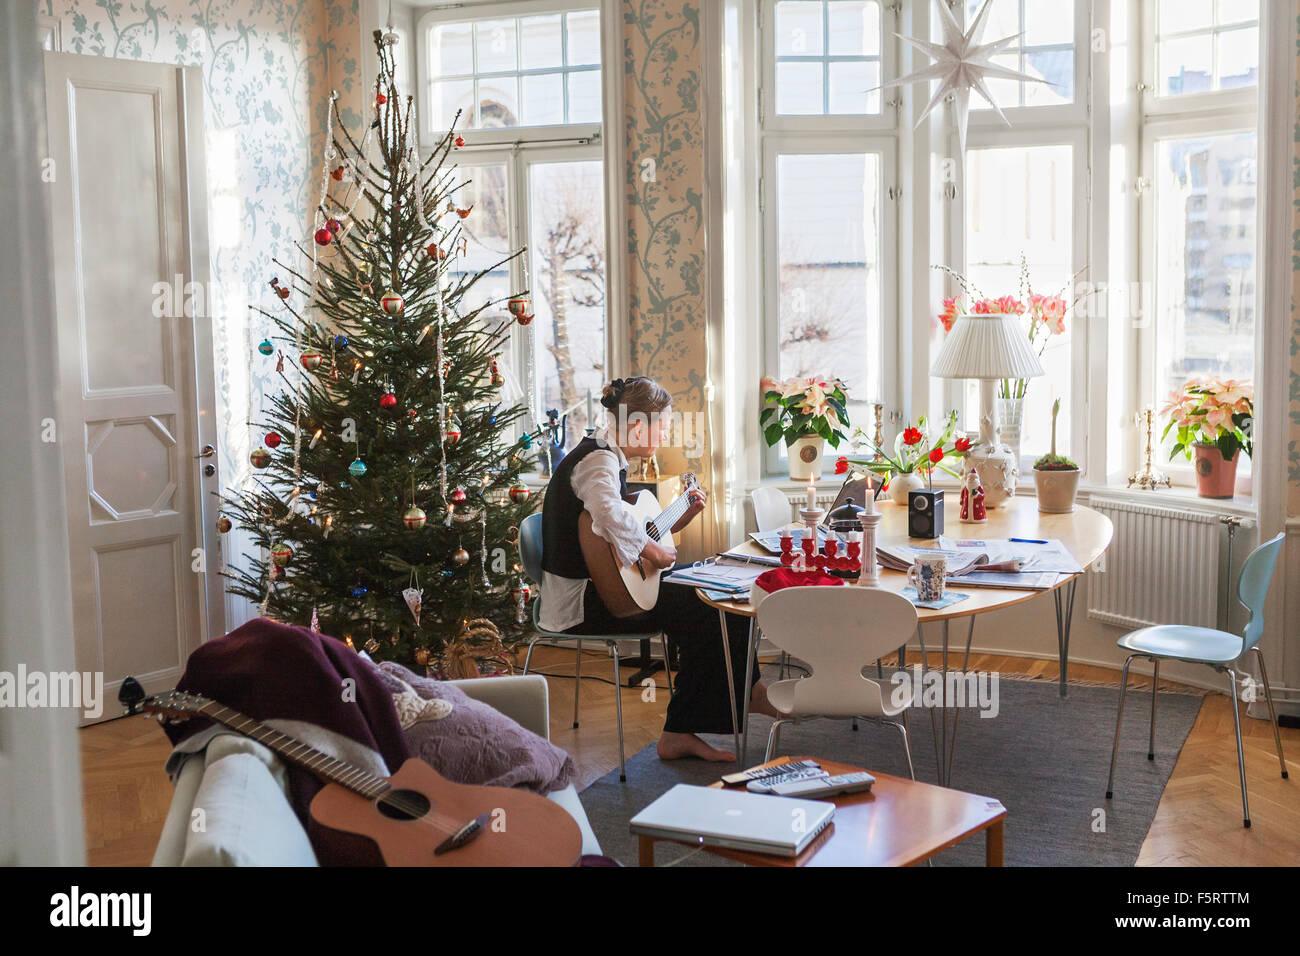 La Svezia, Senior donna a suonare la chitarra in salotto Immagini Stock